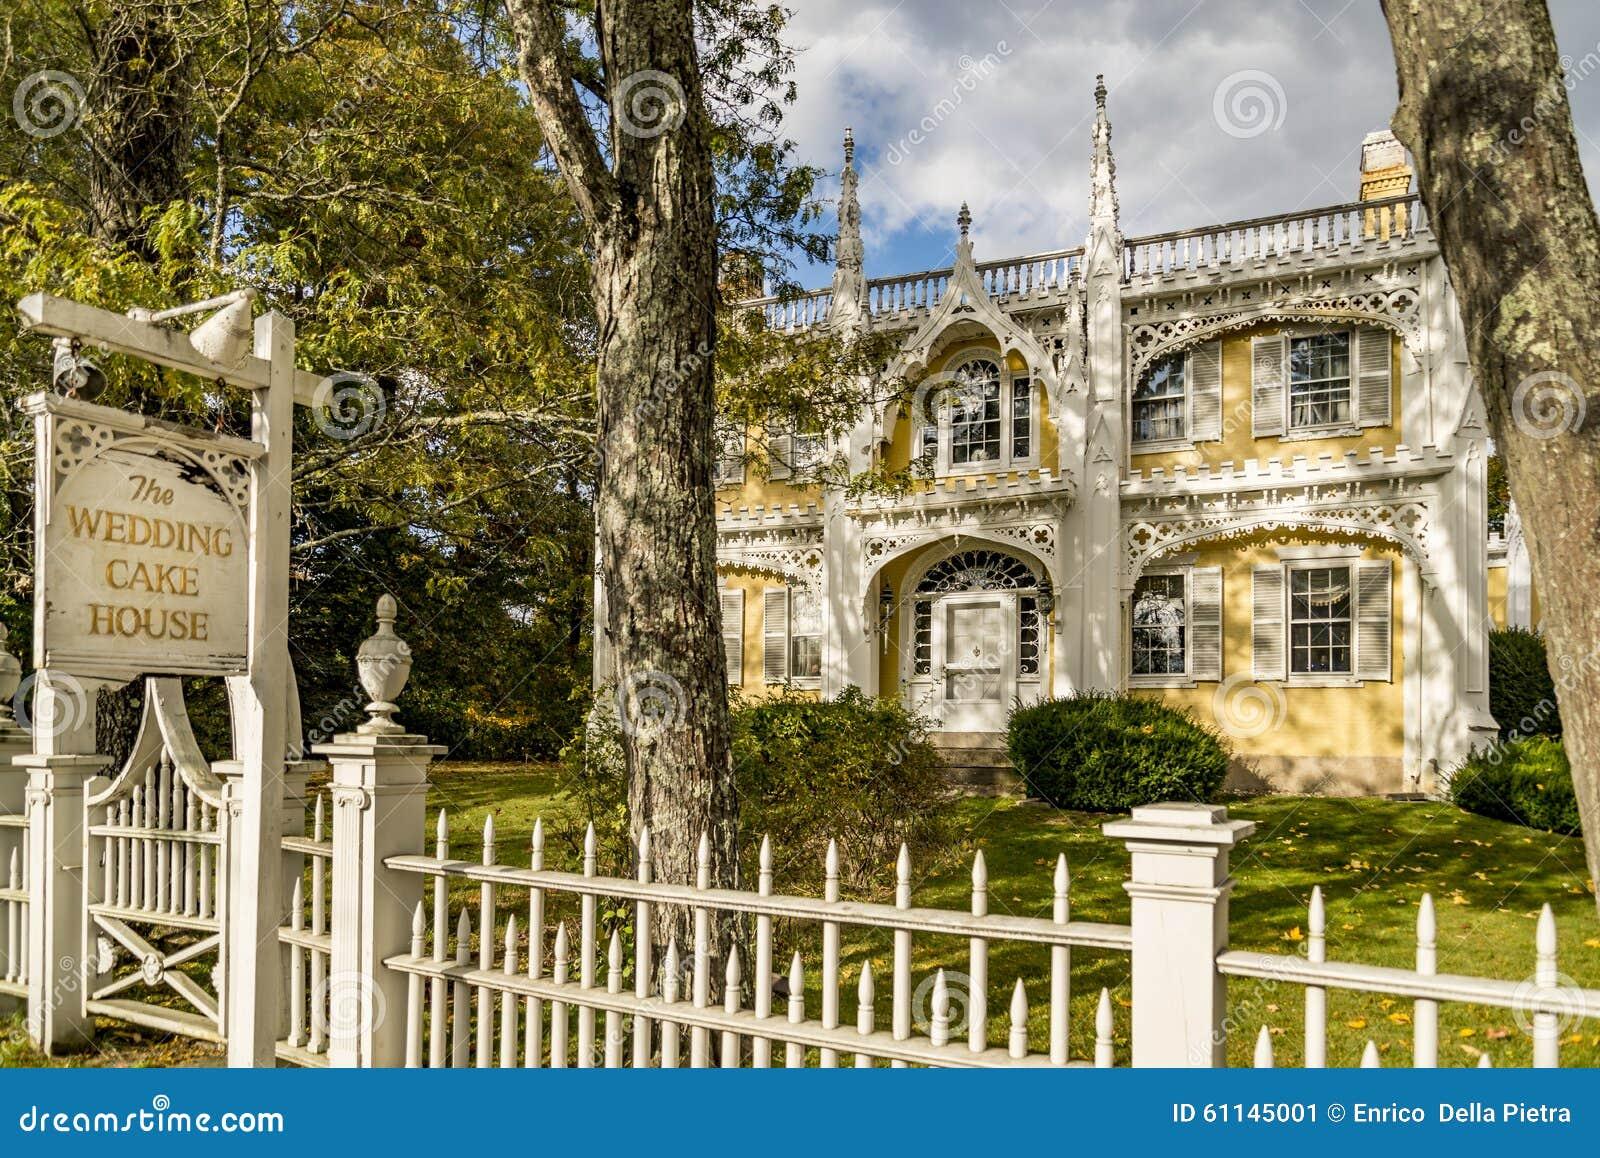 Wedding Cake House Stock Image Image Of Building Fence 61145001